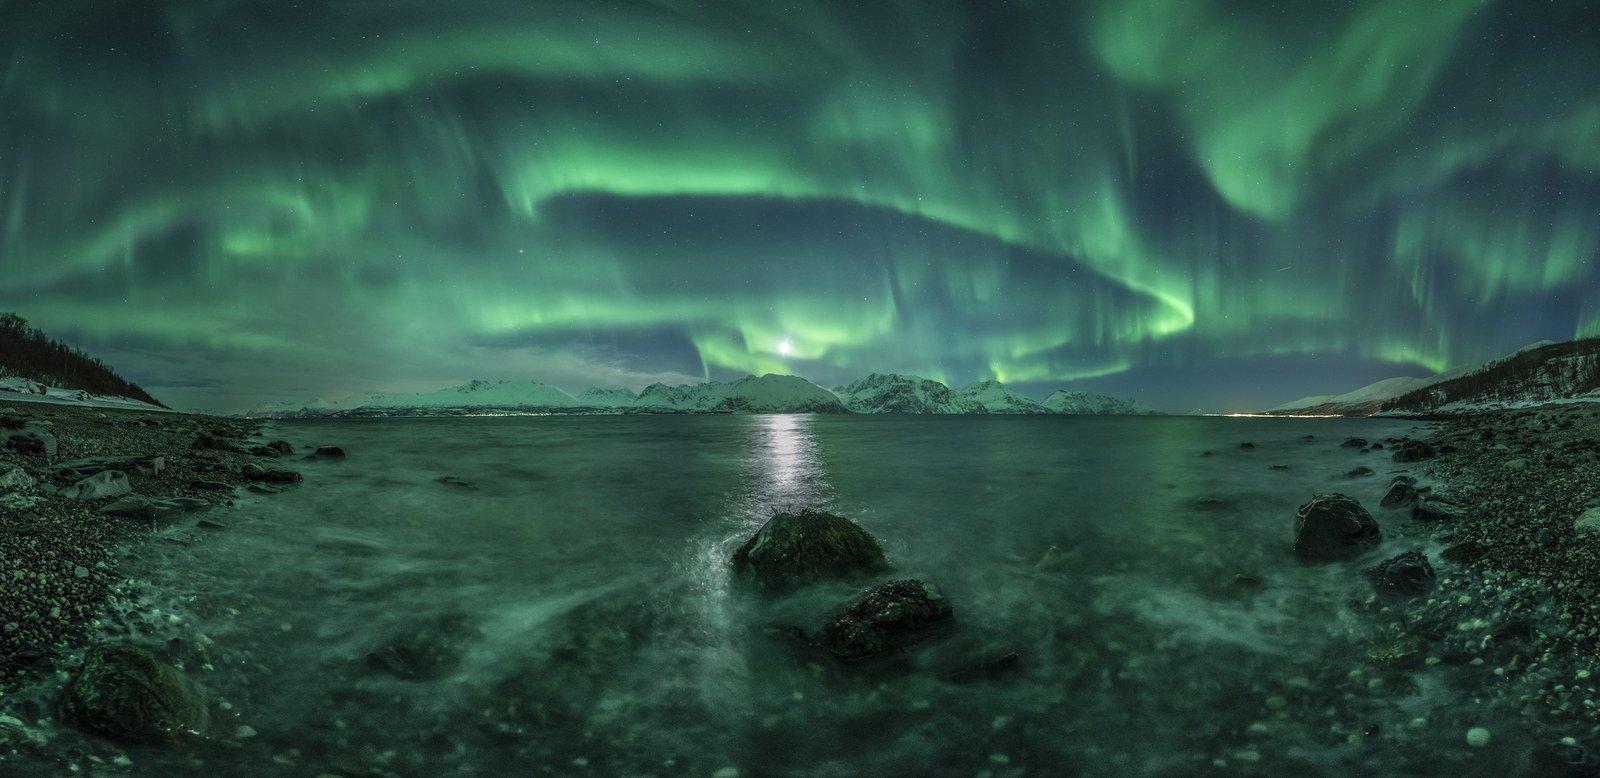 Aurora Panorama / Jan R. Olsen